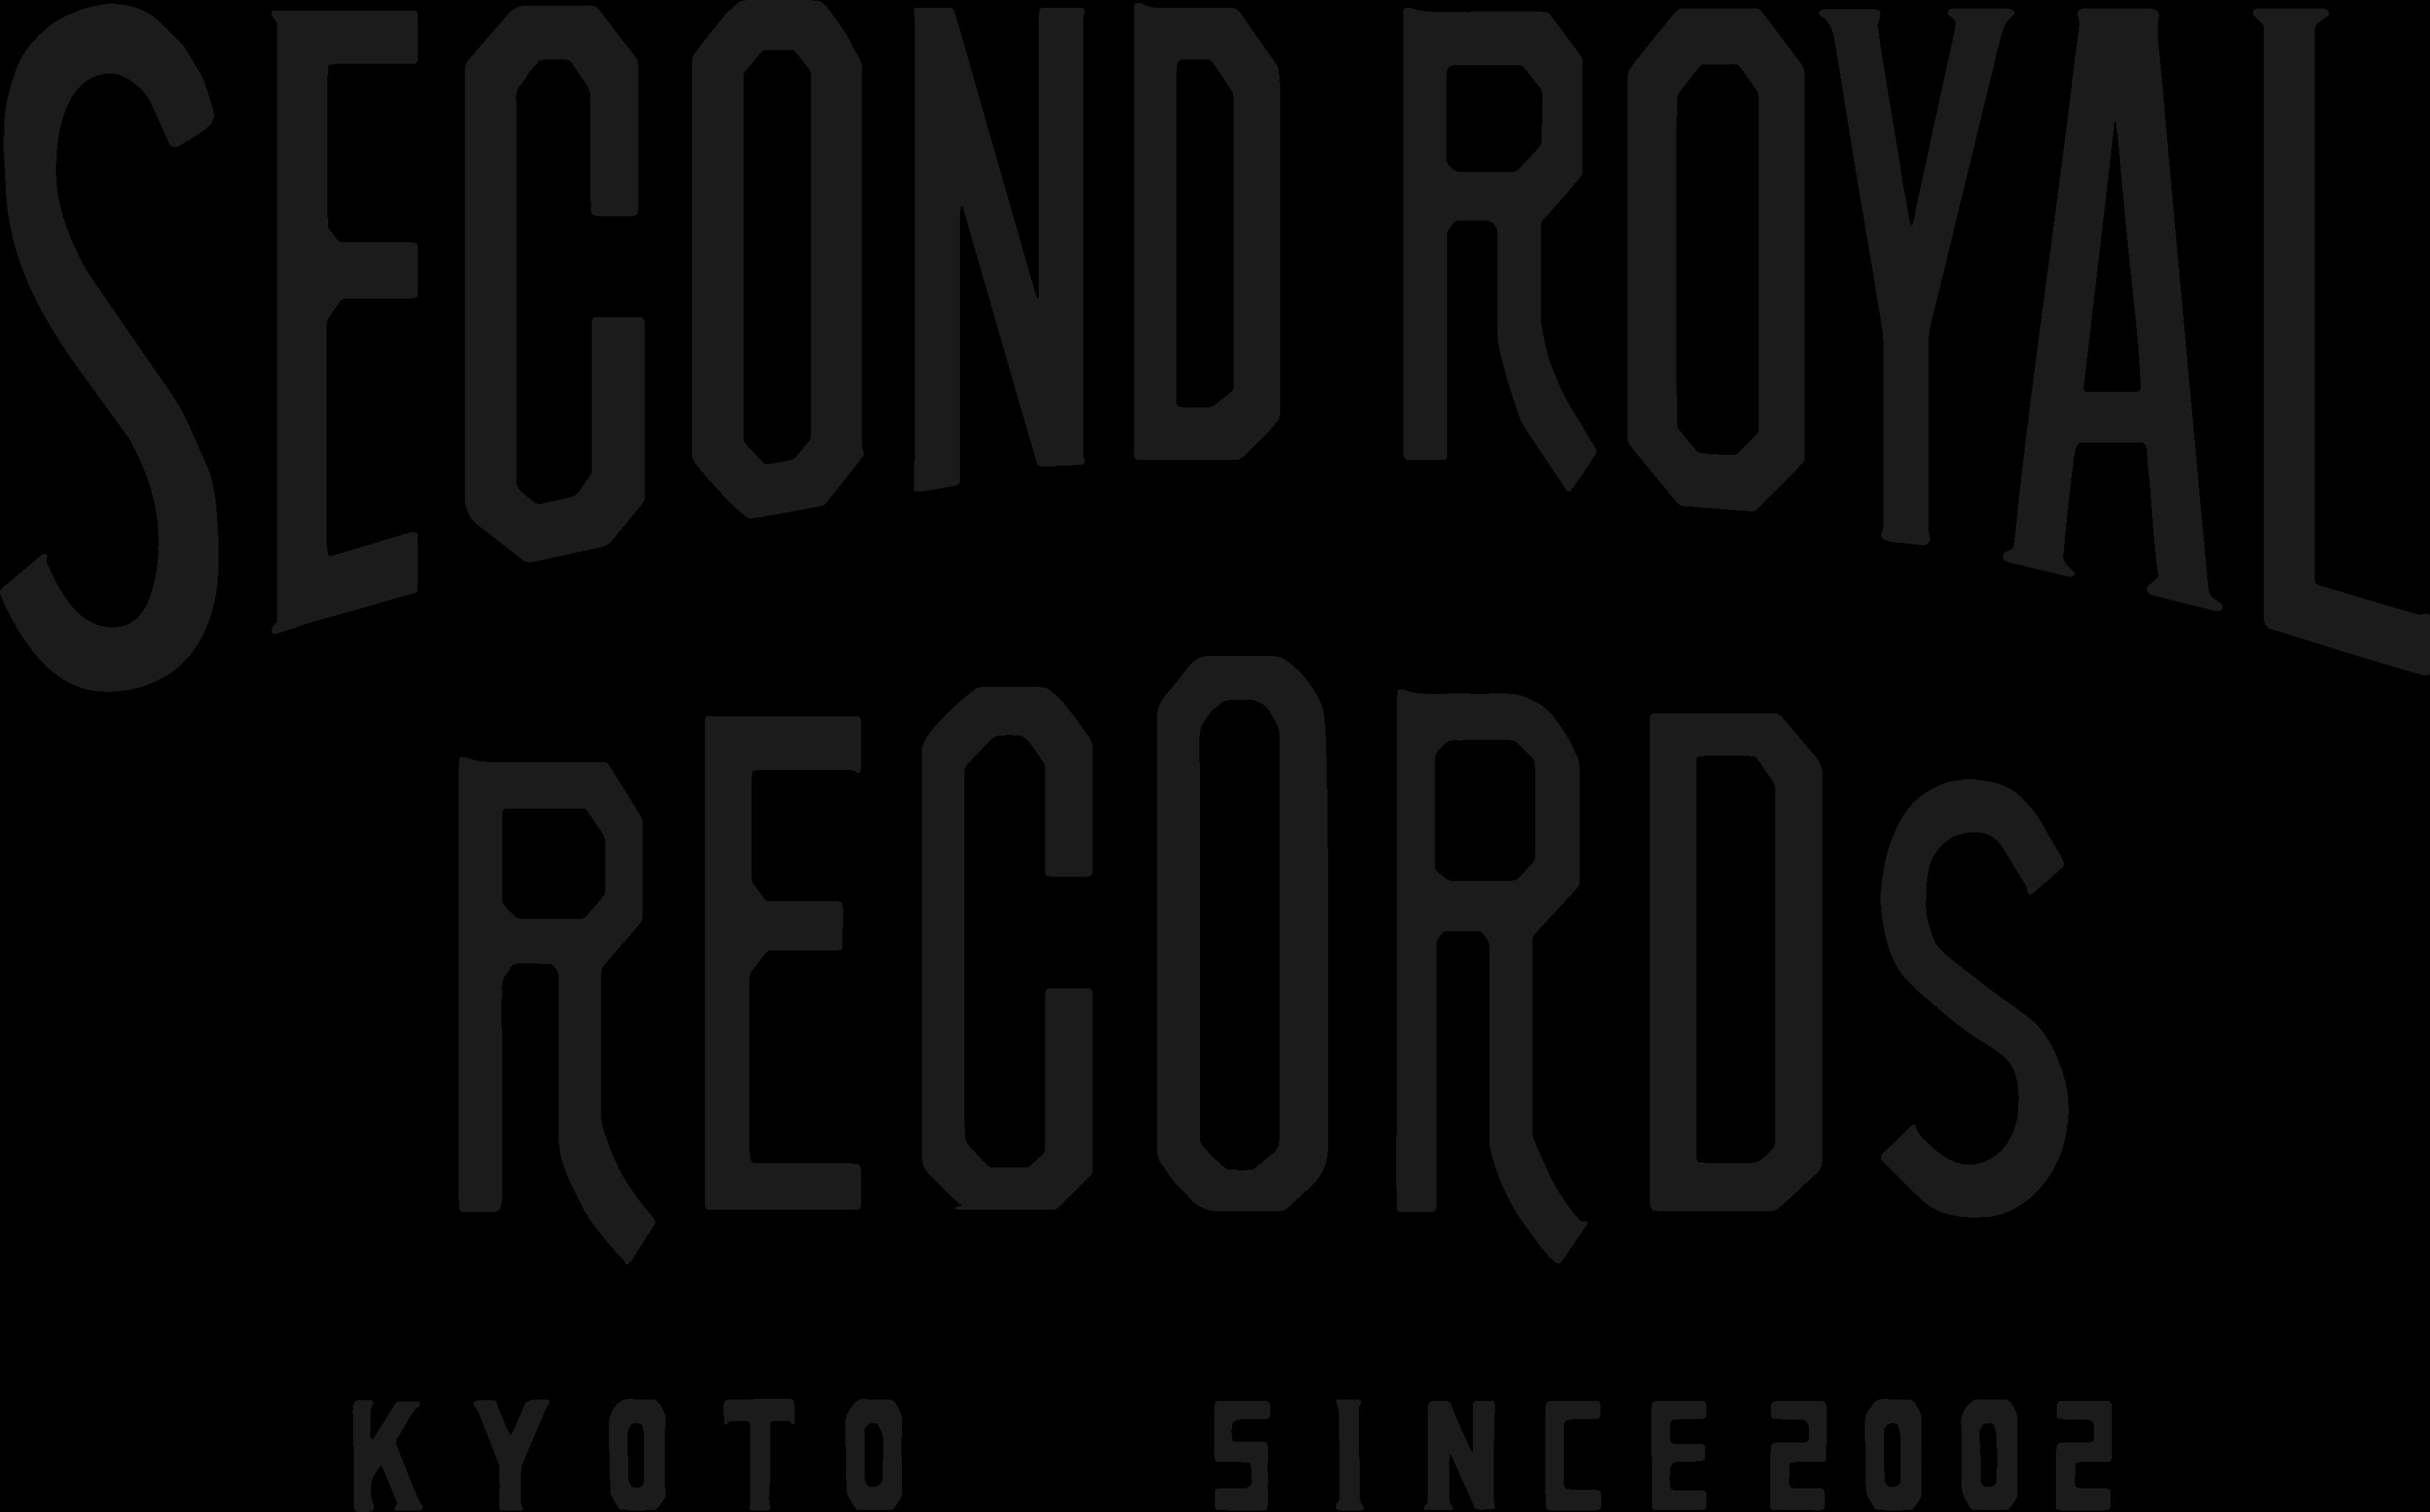 SECOND ROYAL SHOP